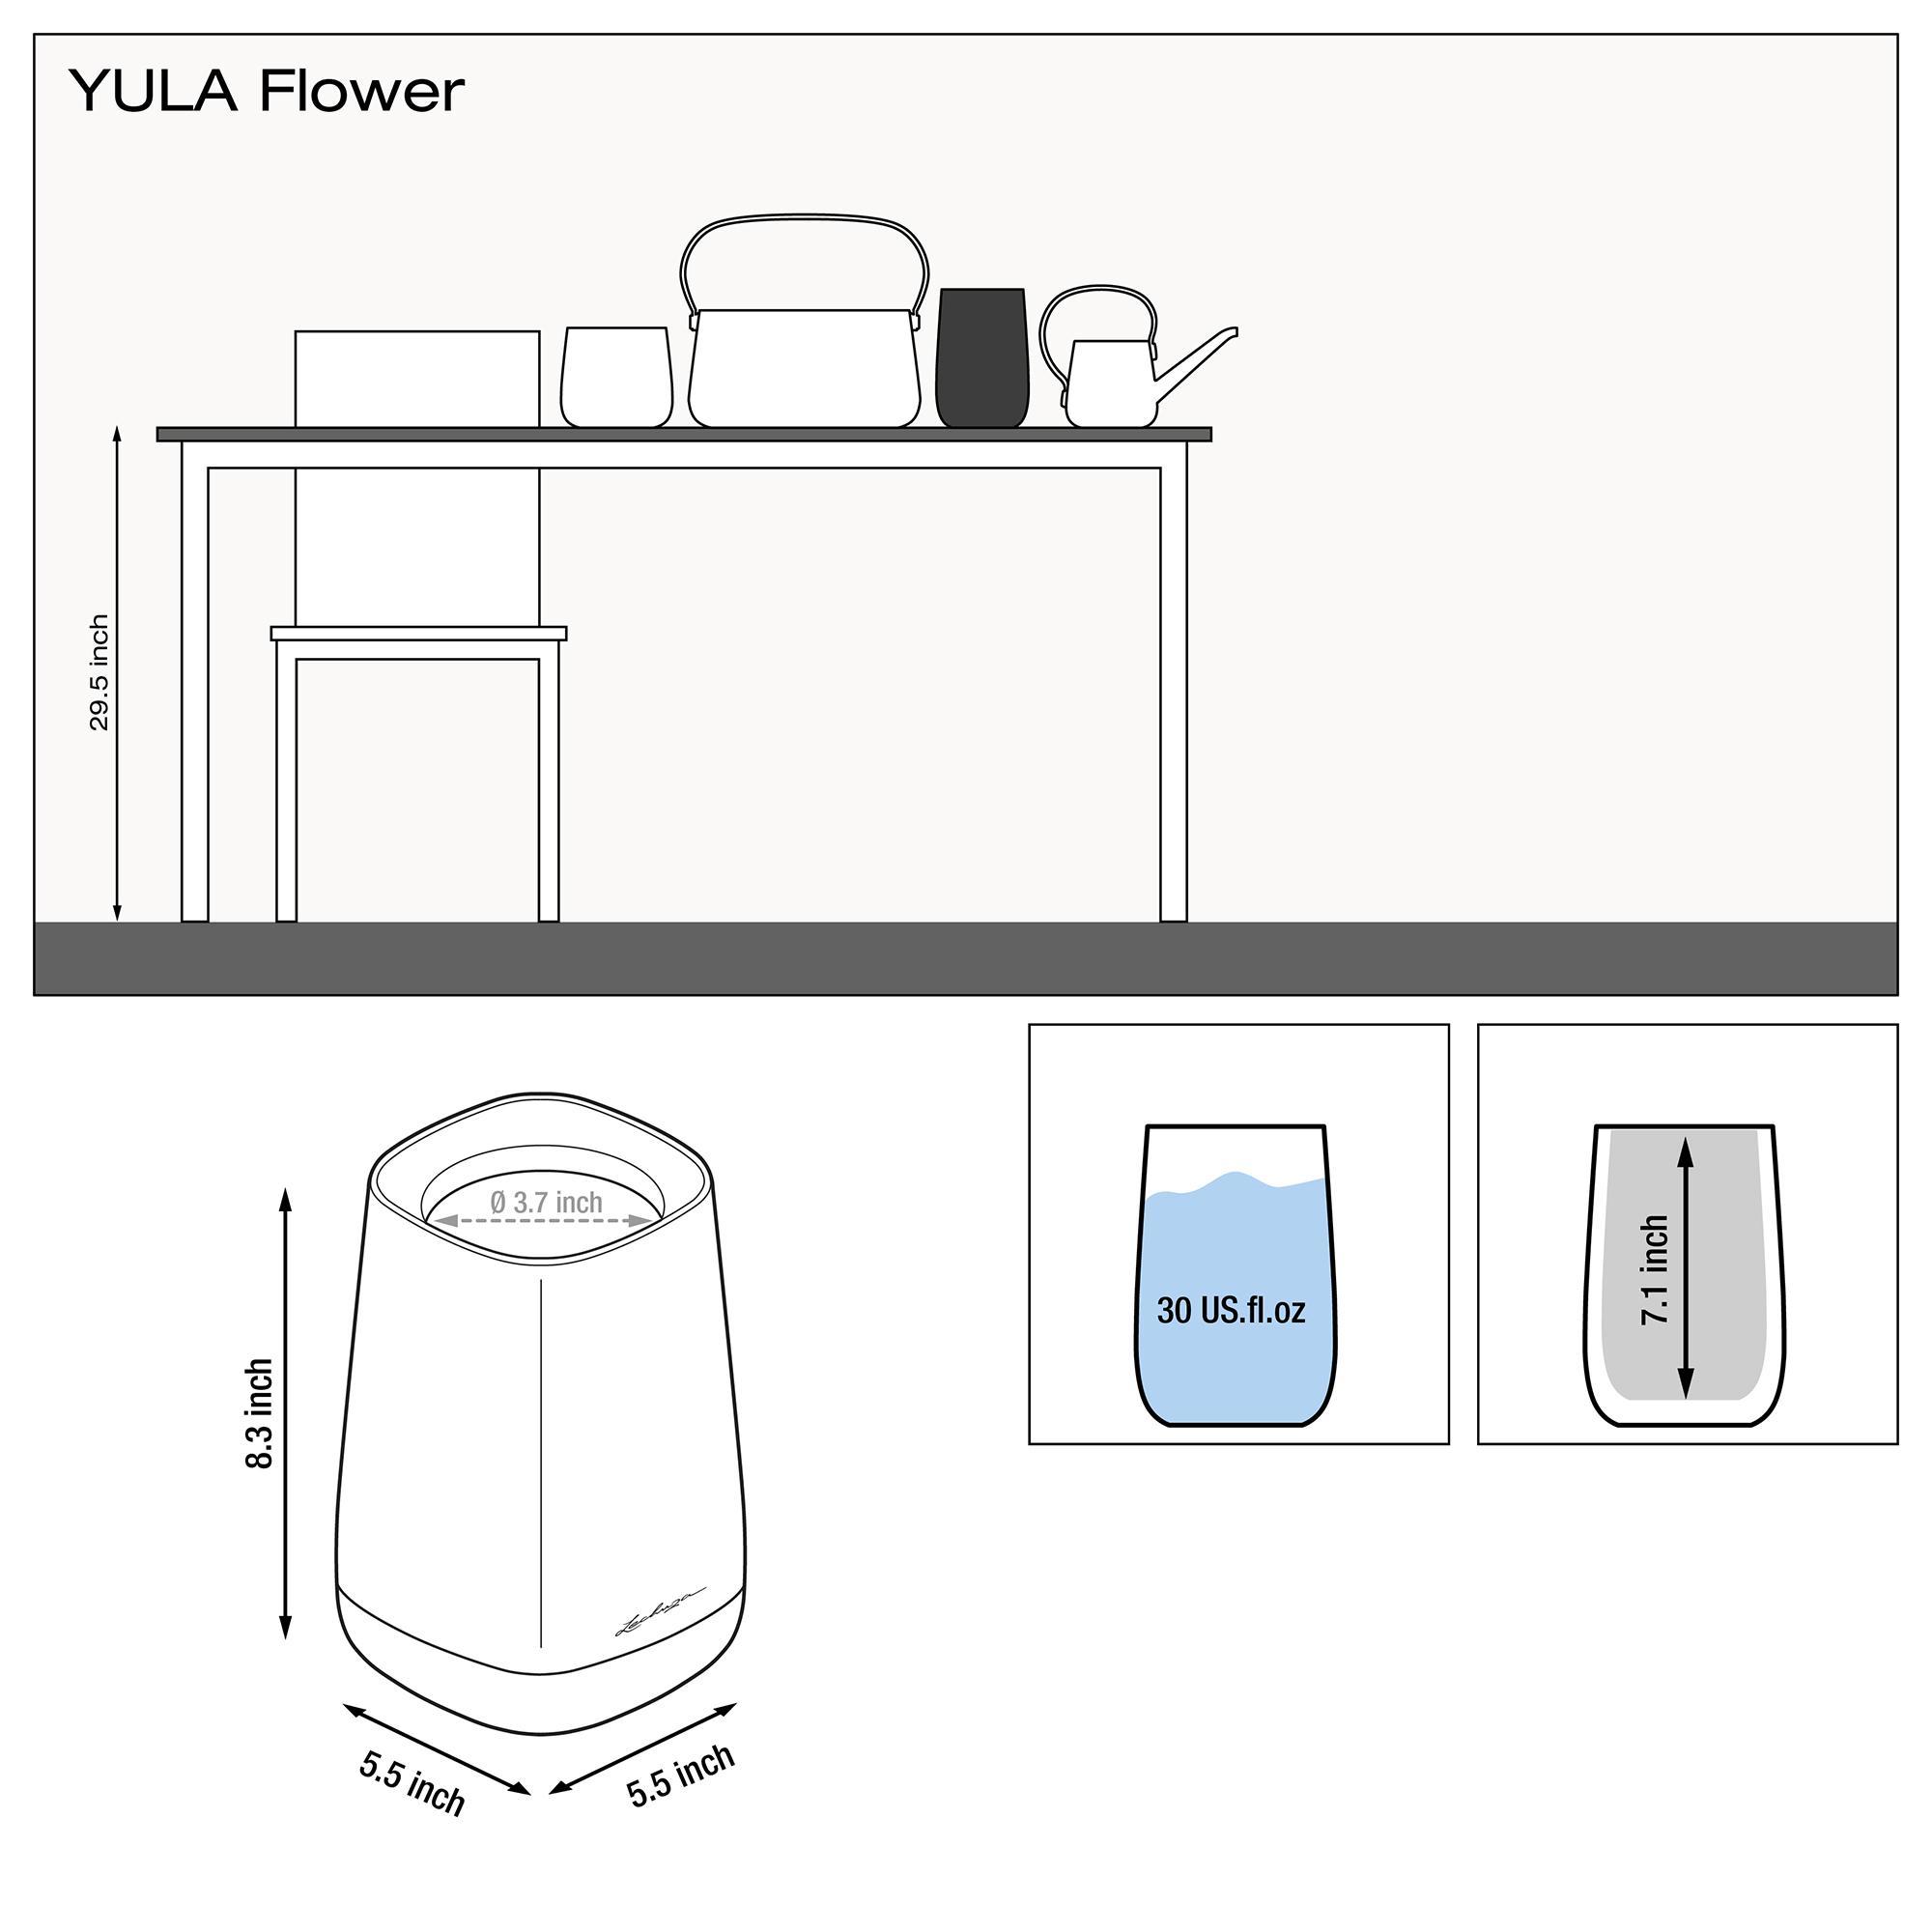 le_yula-flower_product_addi_nz_us